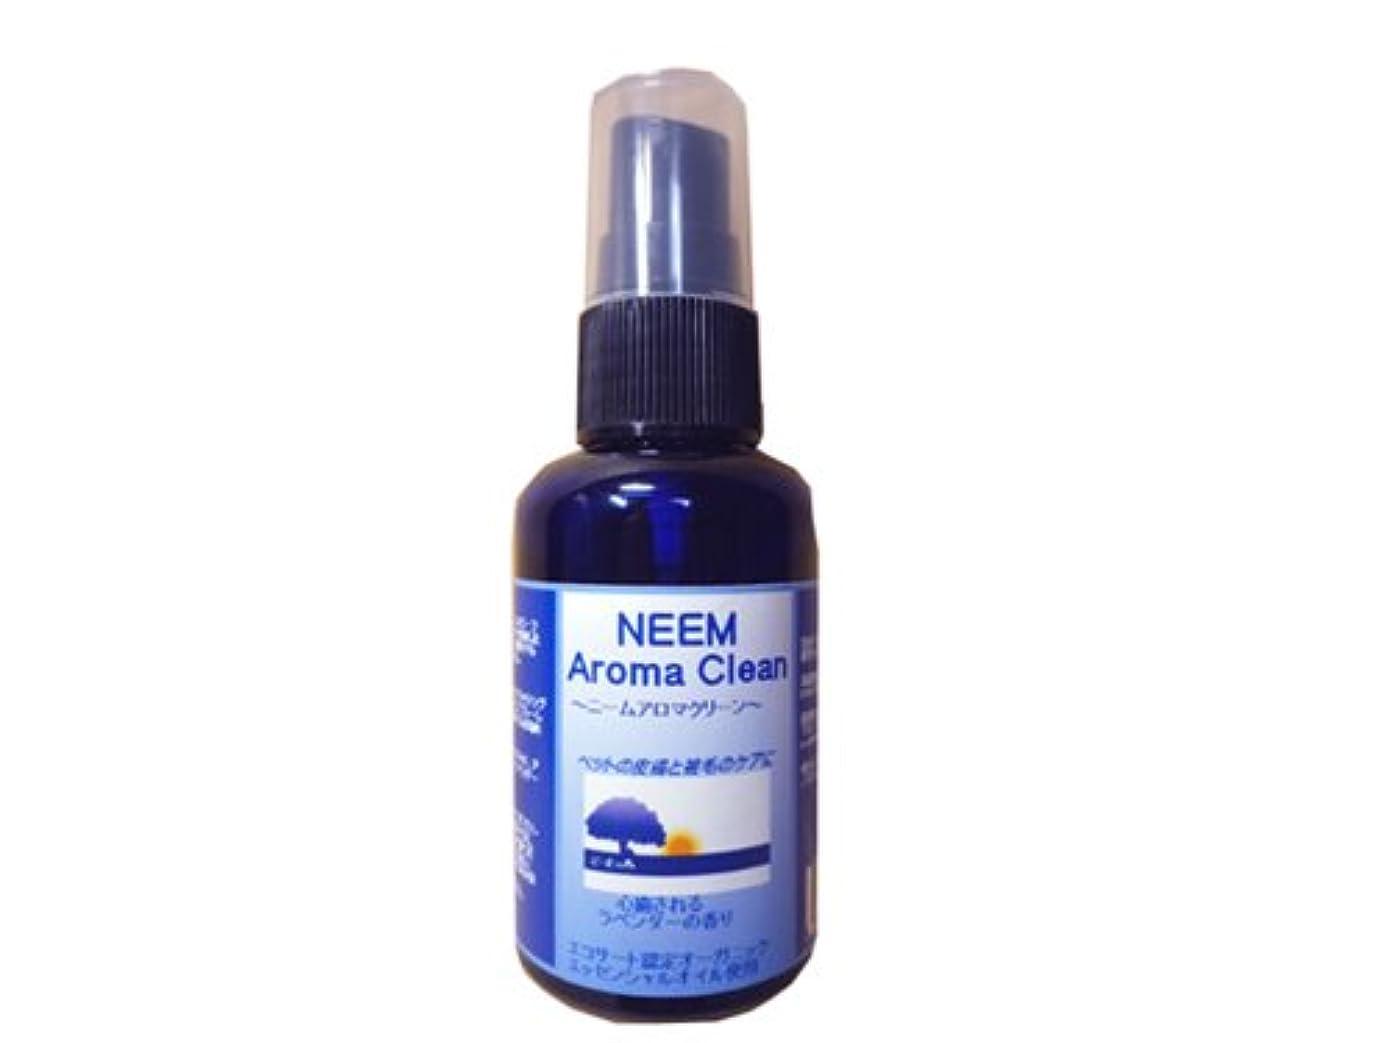 から聞くデンマーク語メイドニームアロマクリーン(ラベンダー) NEEM Aroma Clean 50ml 【BLOOM】【(ノミ?ダニ)駆除用としてもお使いいただけます。】